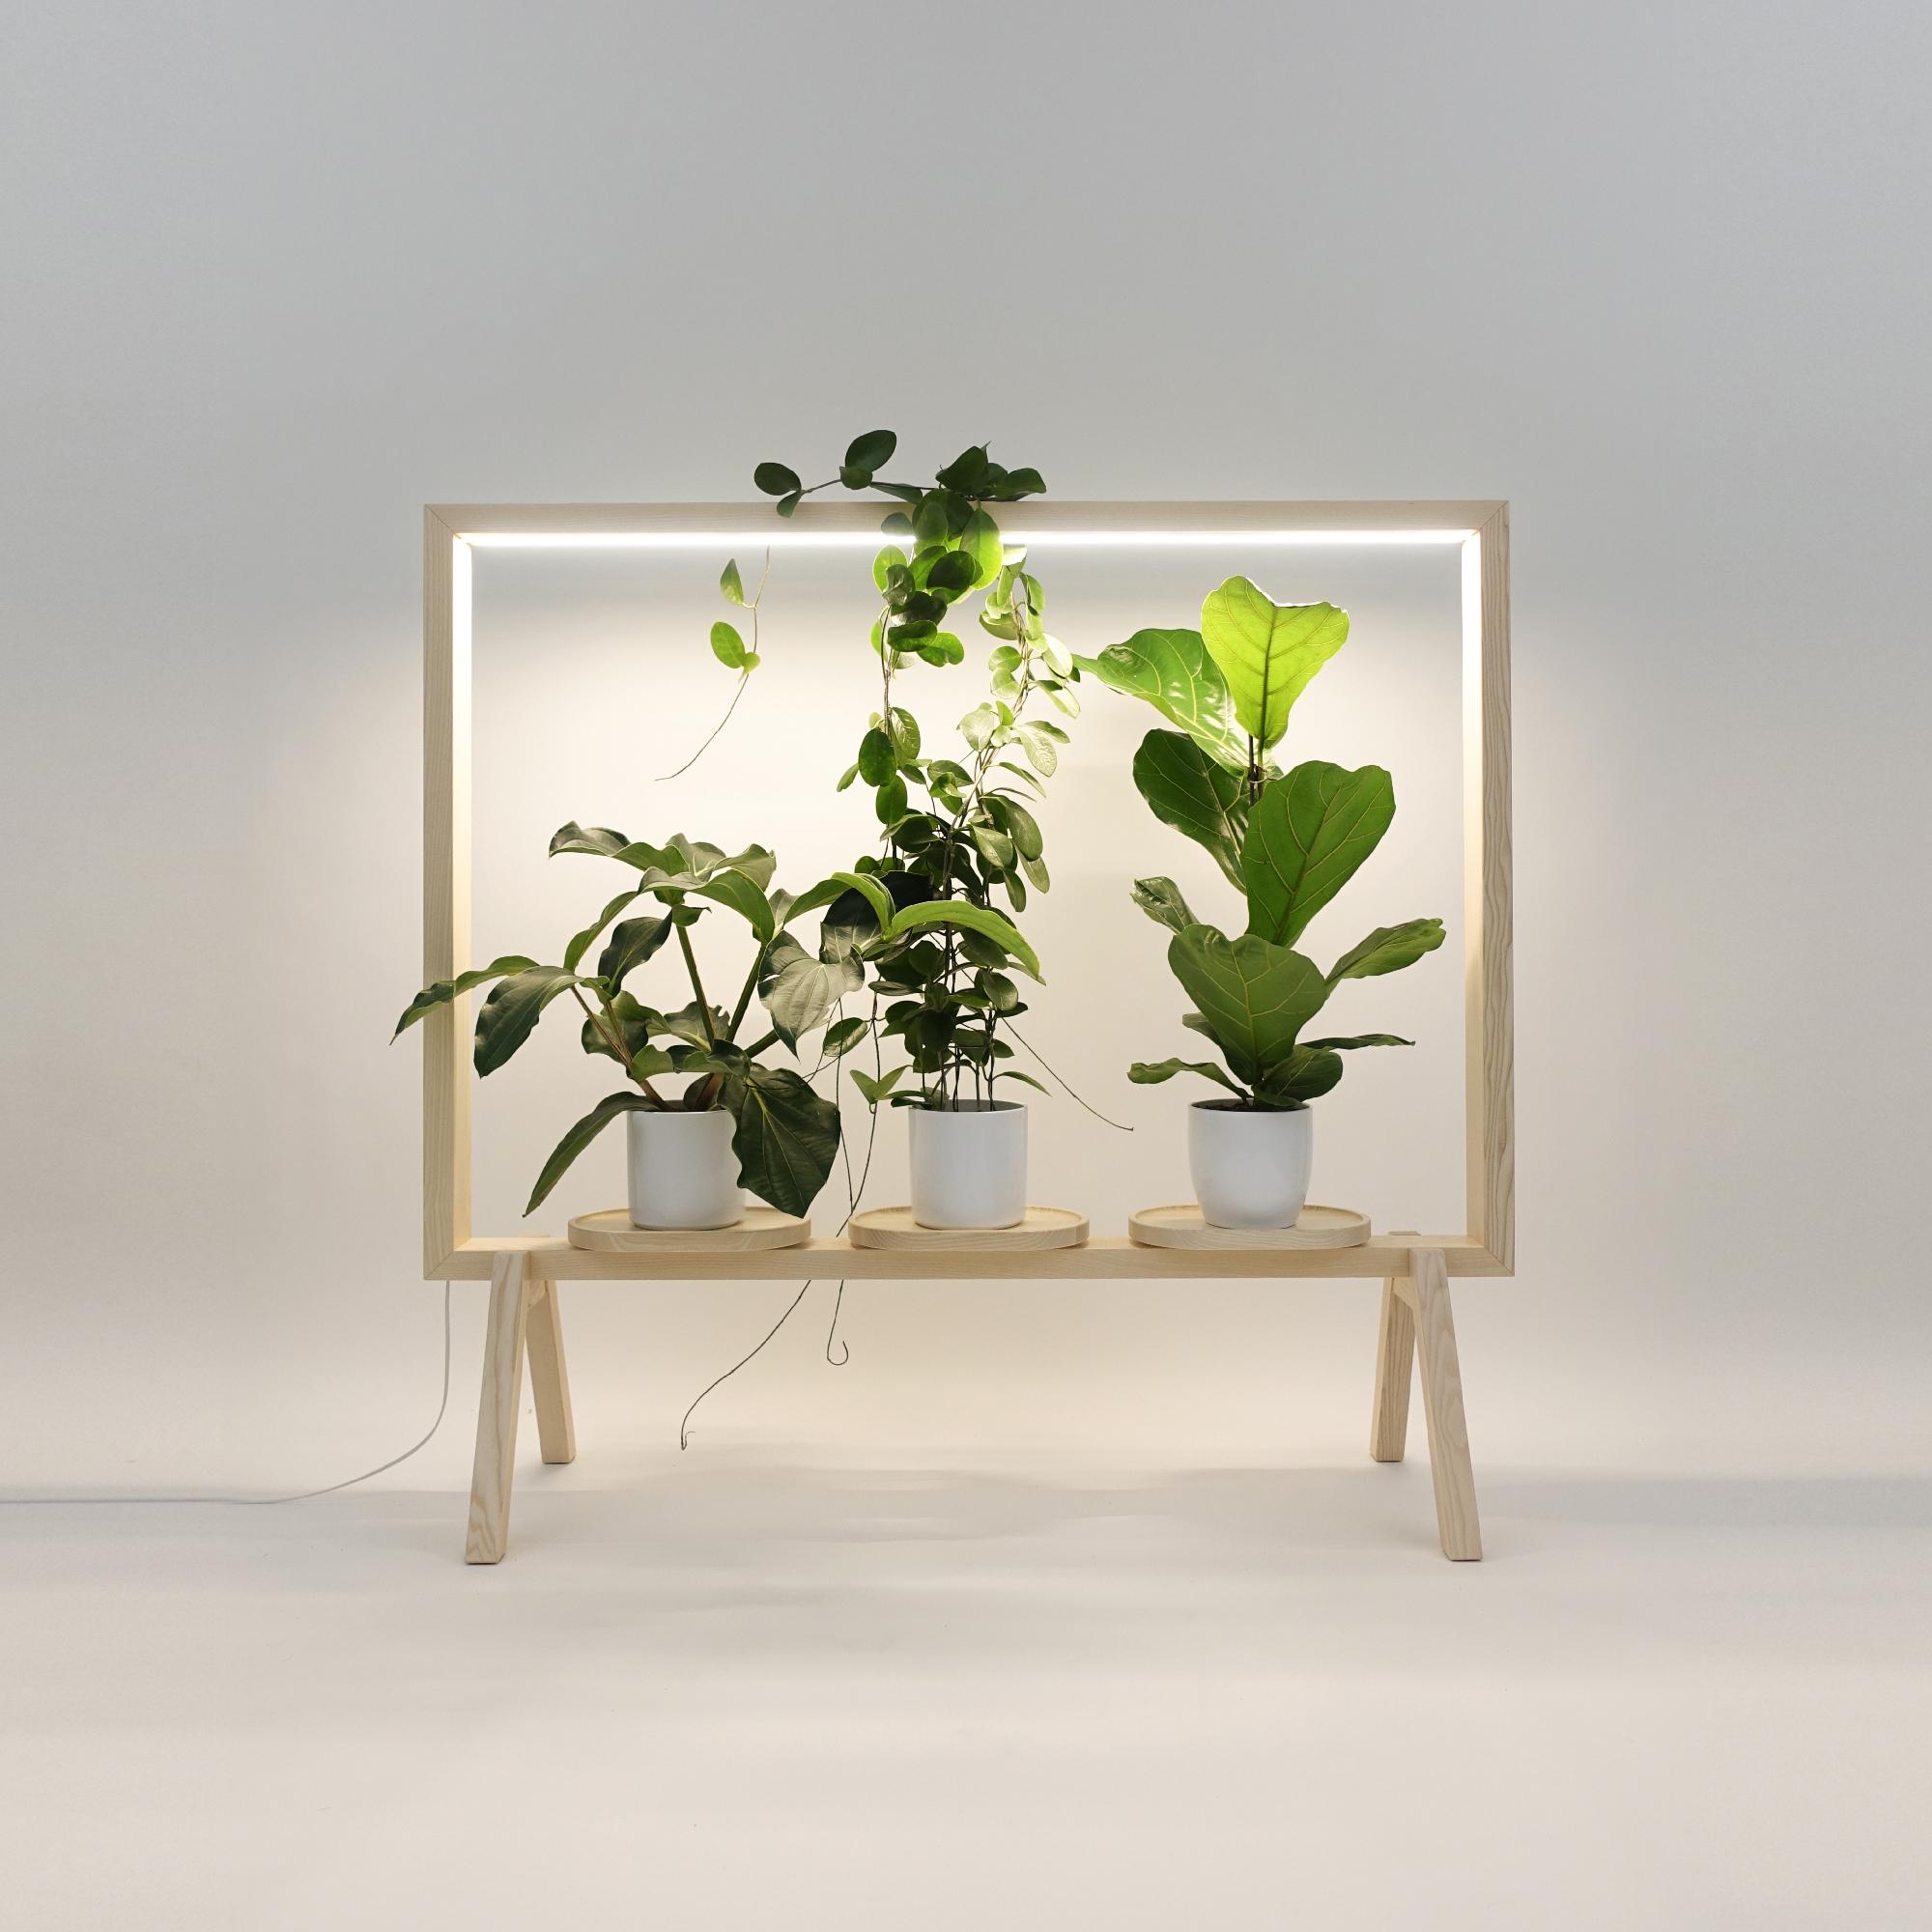 GreenFrame_By Glimakra of Sweden_Design_Johan Kauppi_2018.jpg